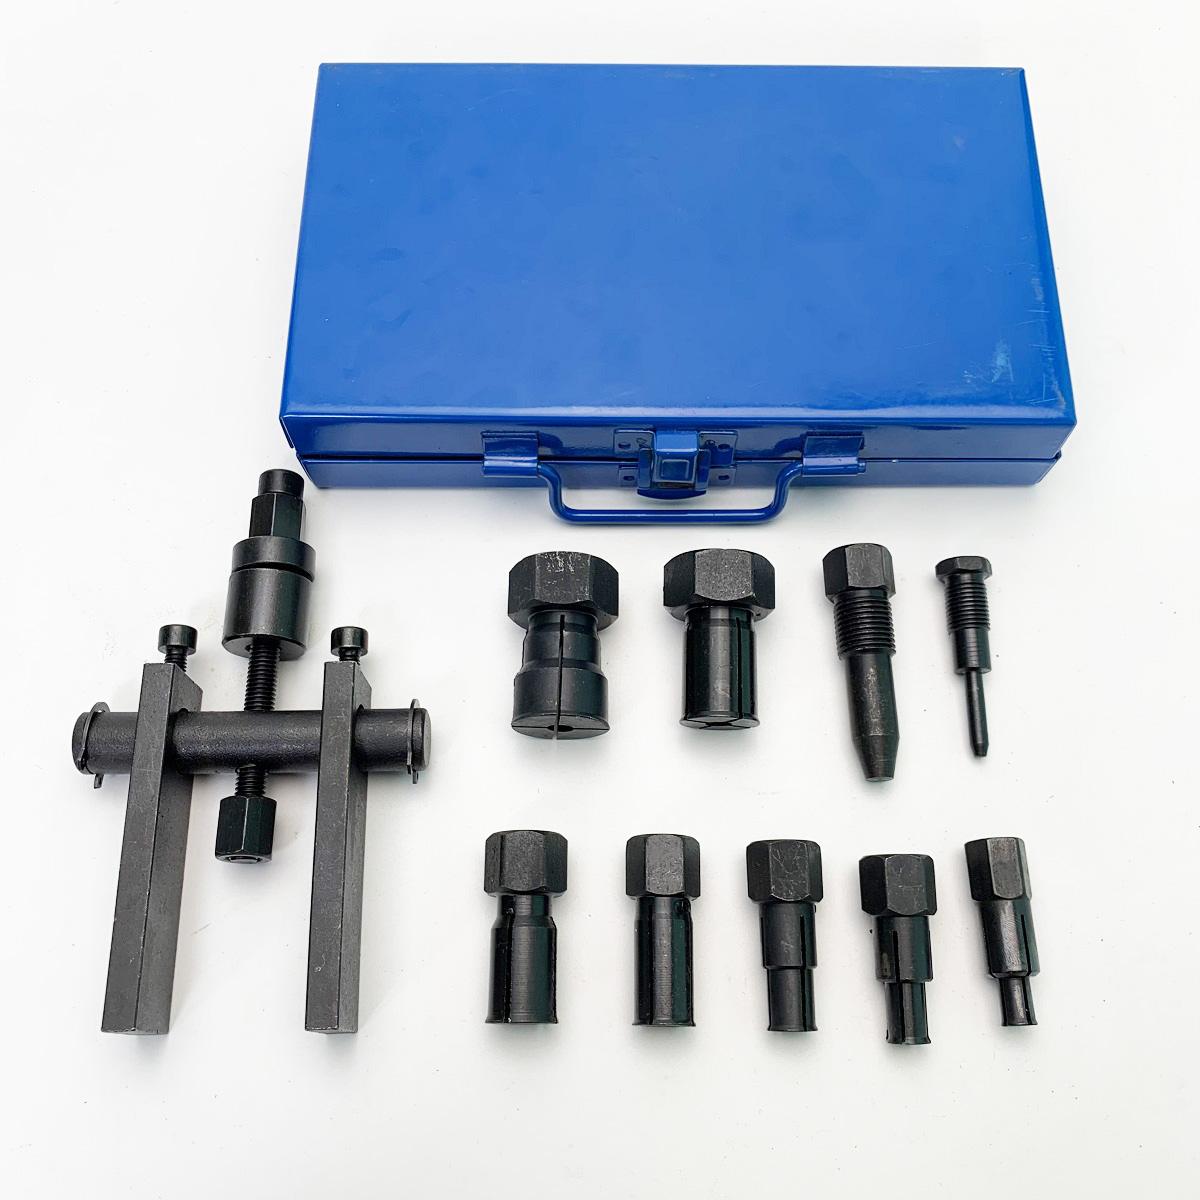 Bộ Cảo Bạc Đạn Chữ H Từ 8mm-25mm, 10 chi tiết (Cảo Chữ H, Vam Cảo Bạc Đạn)